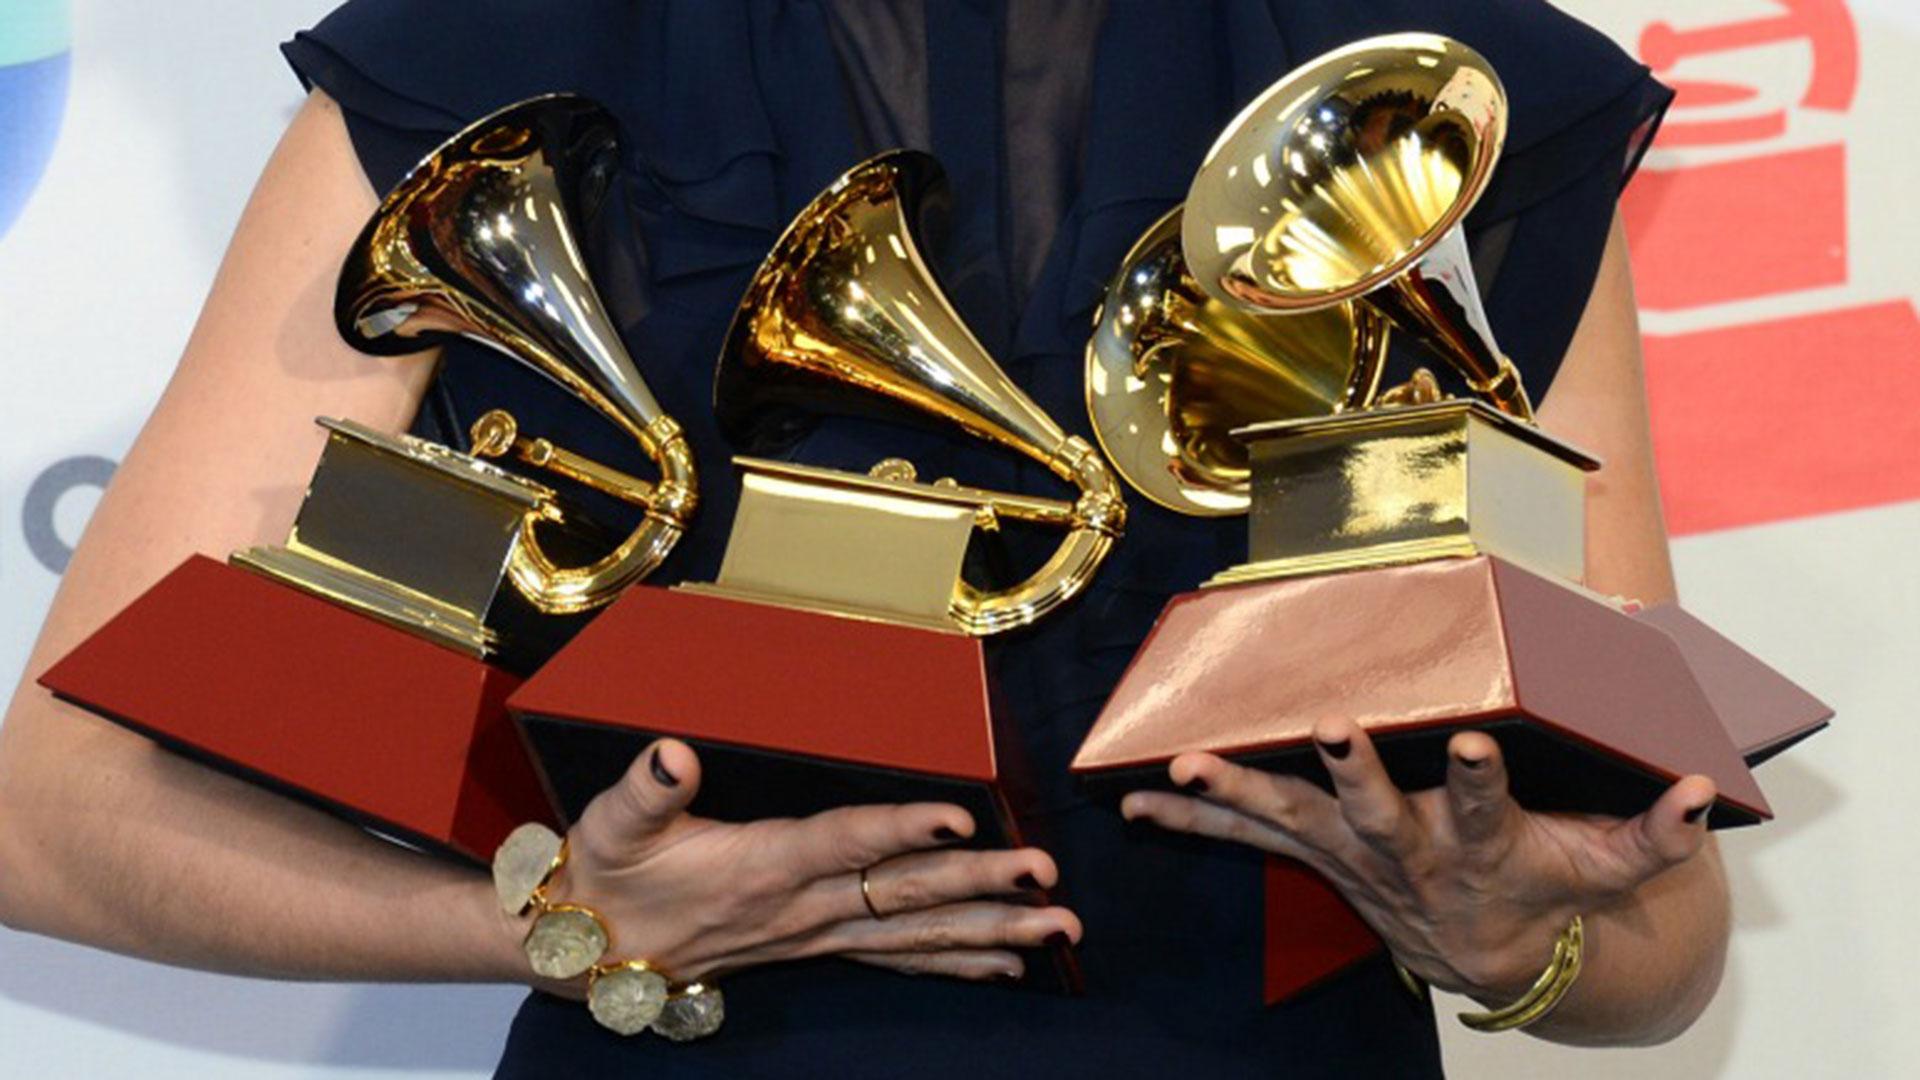 Durante casi veinte años los Latin Grammy se han dedicado a mejorar la calidad de vida y las condiciones culturales de la música latina y sus creadores